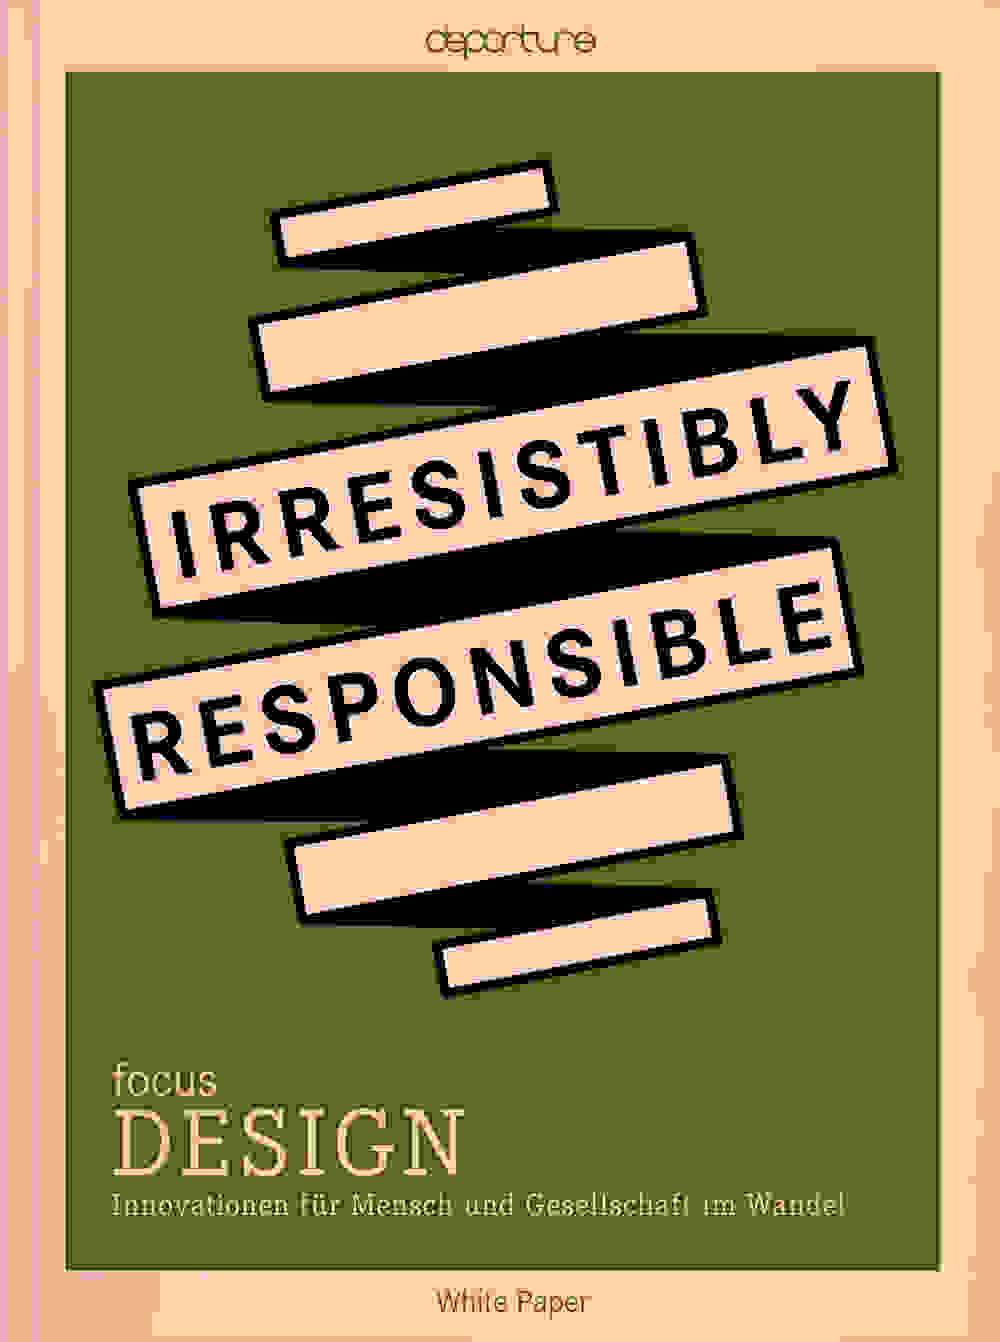 Departure focusdesign COVER 00